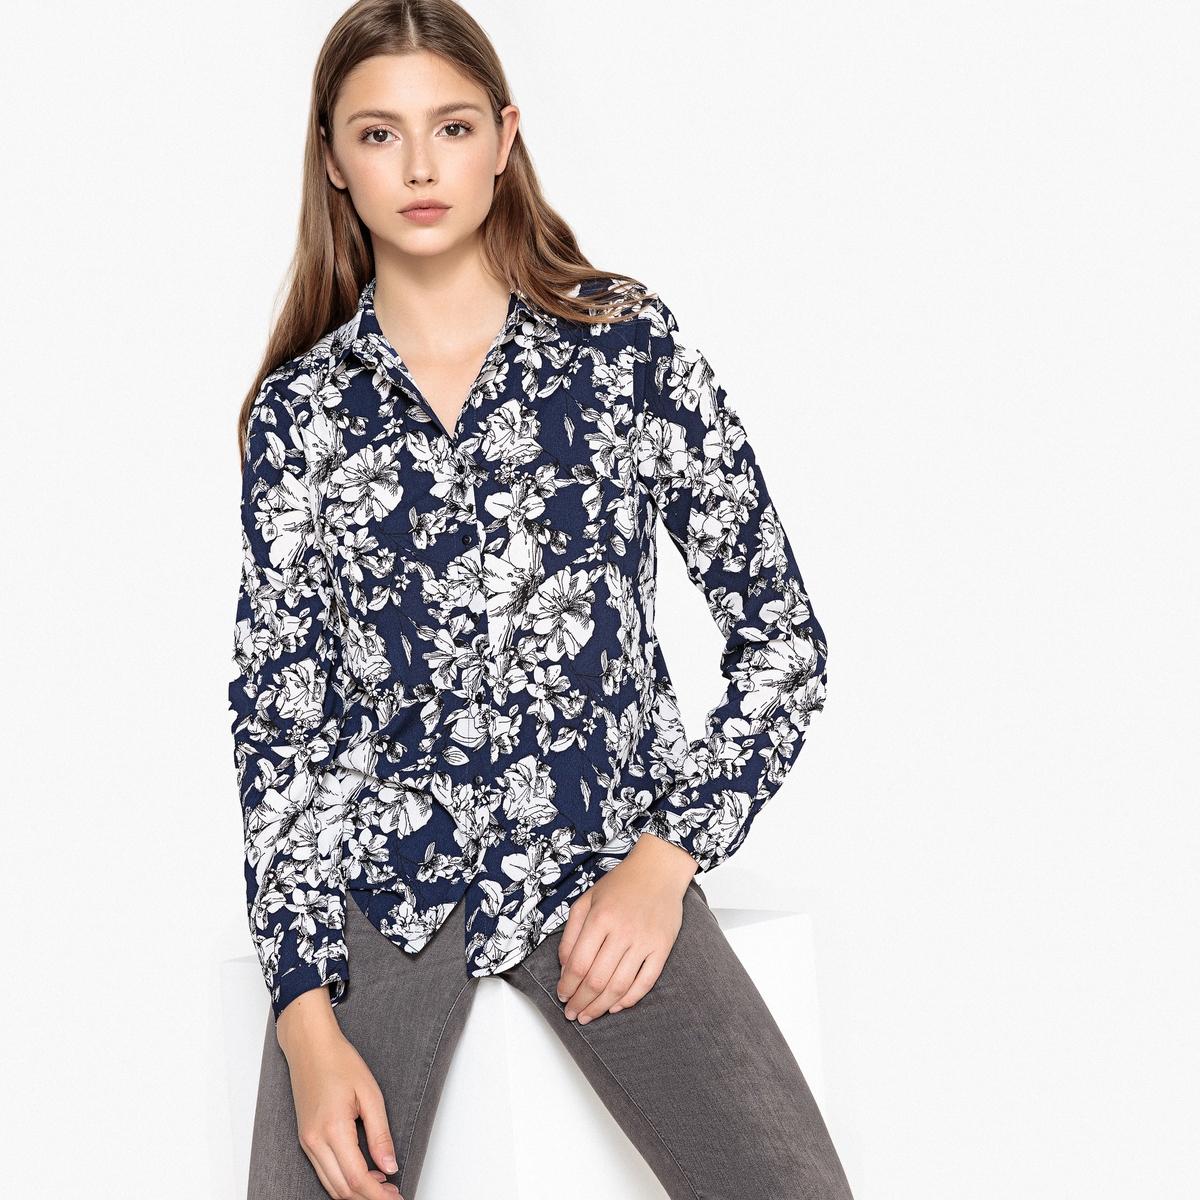 Блузка с цветочным рисунком и длинными рукавами блузка best mountaine